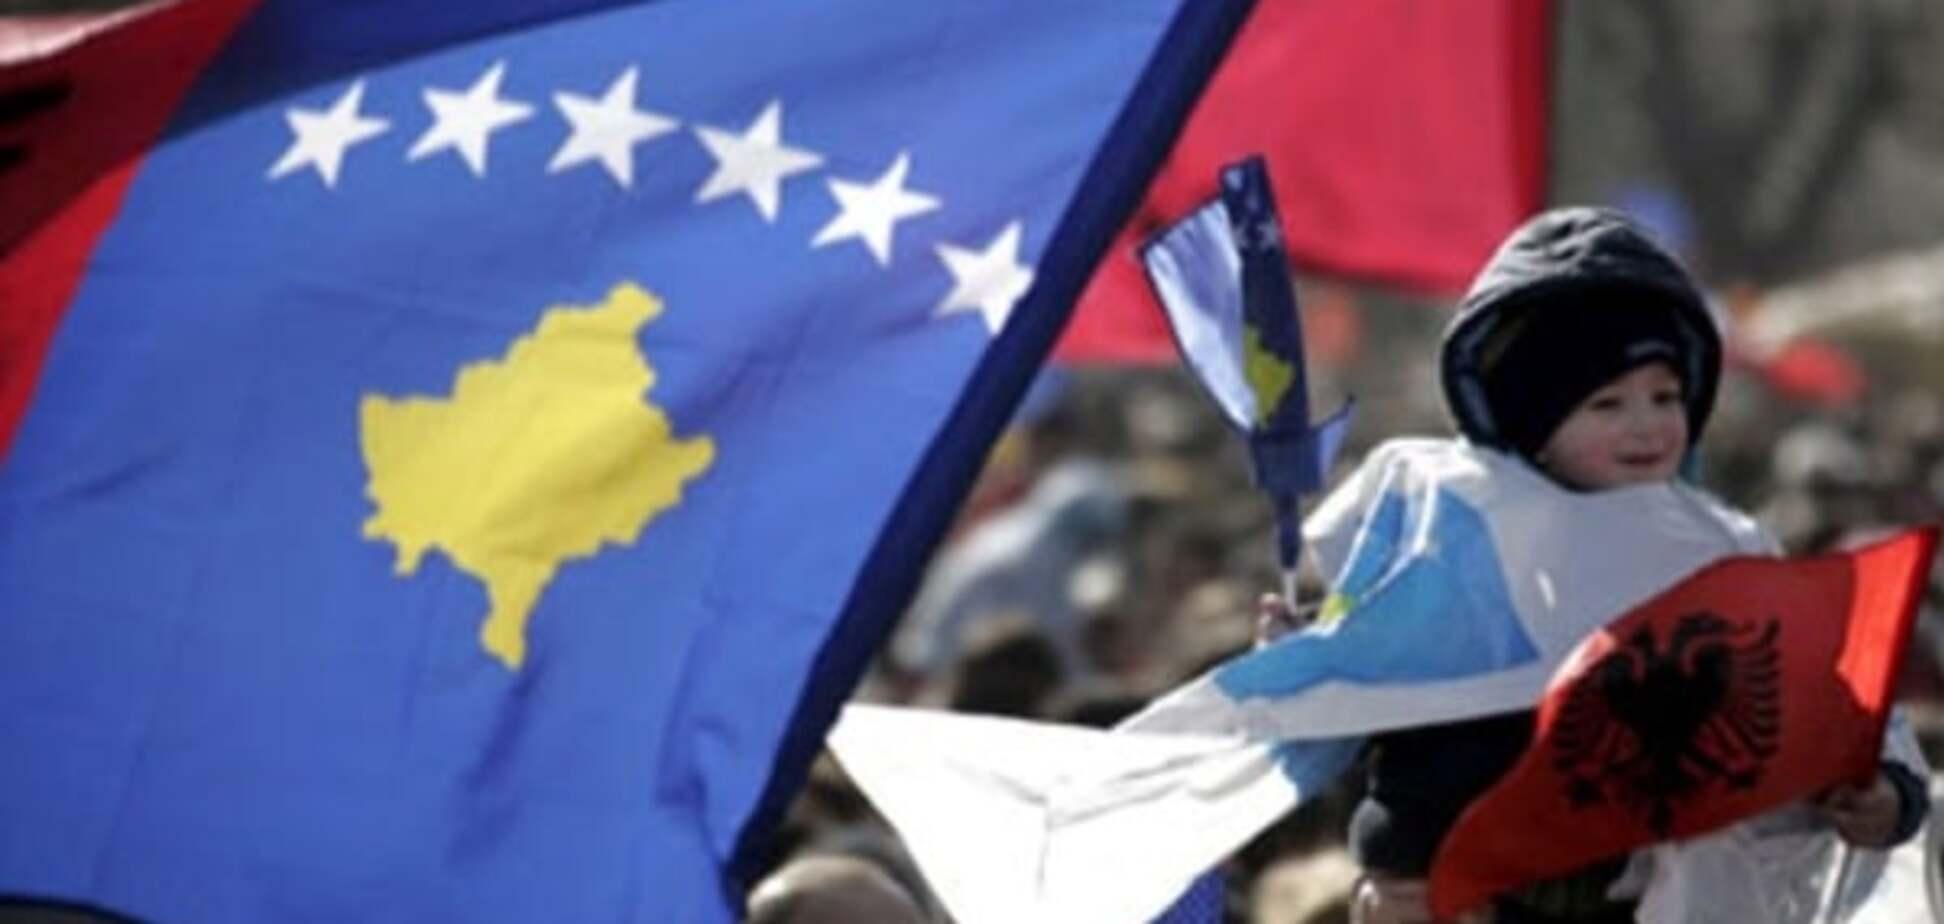 Європарламент ратифікував Угоду про асоціацію з Косово